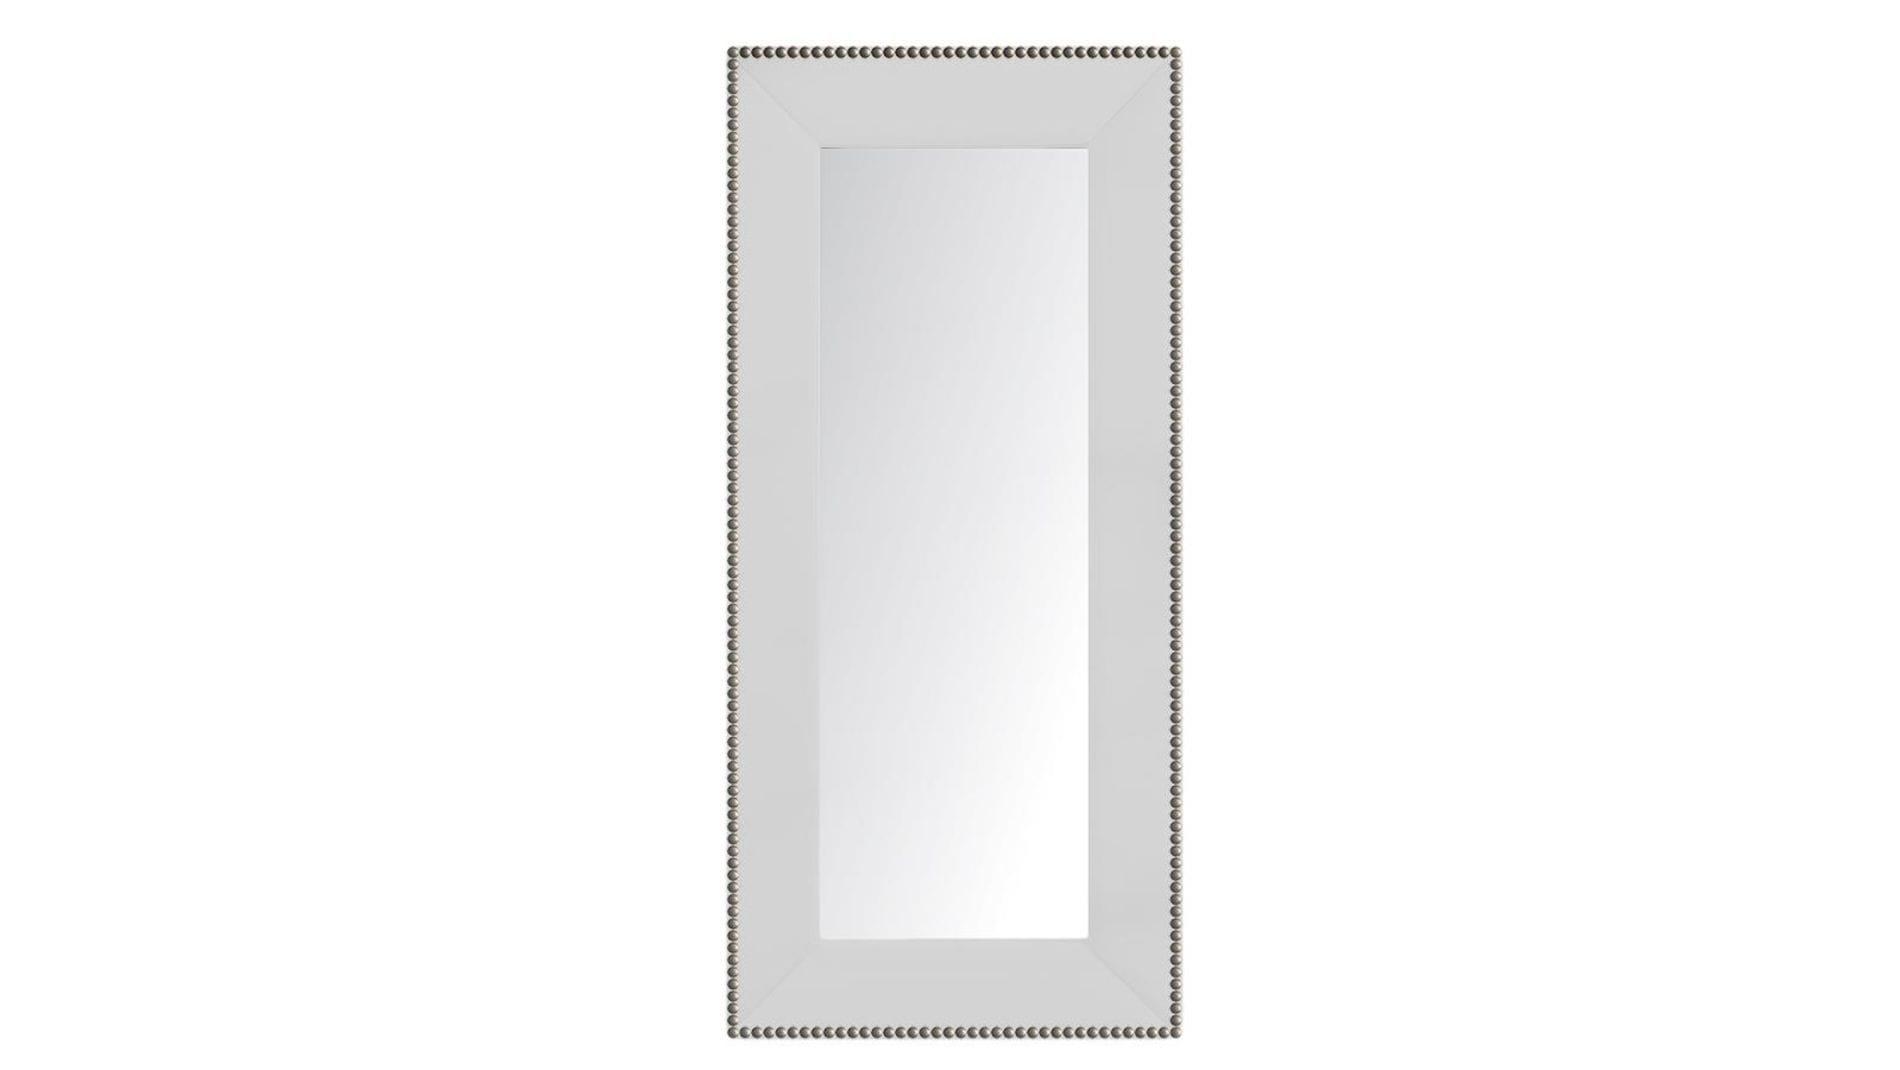 Зеркало напольное с гвоздиками Белое Р